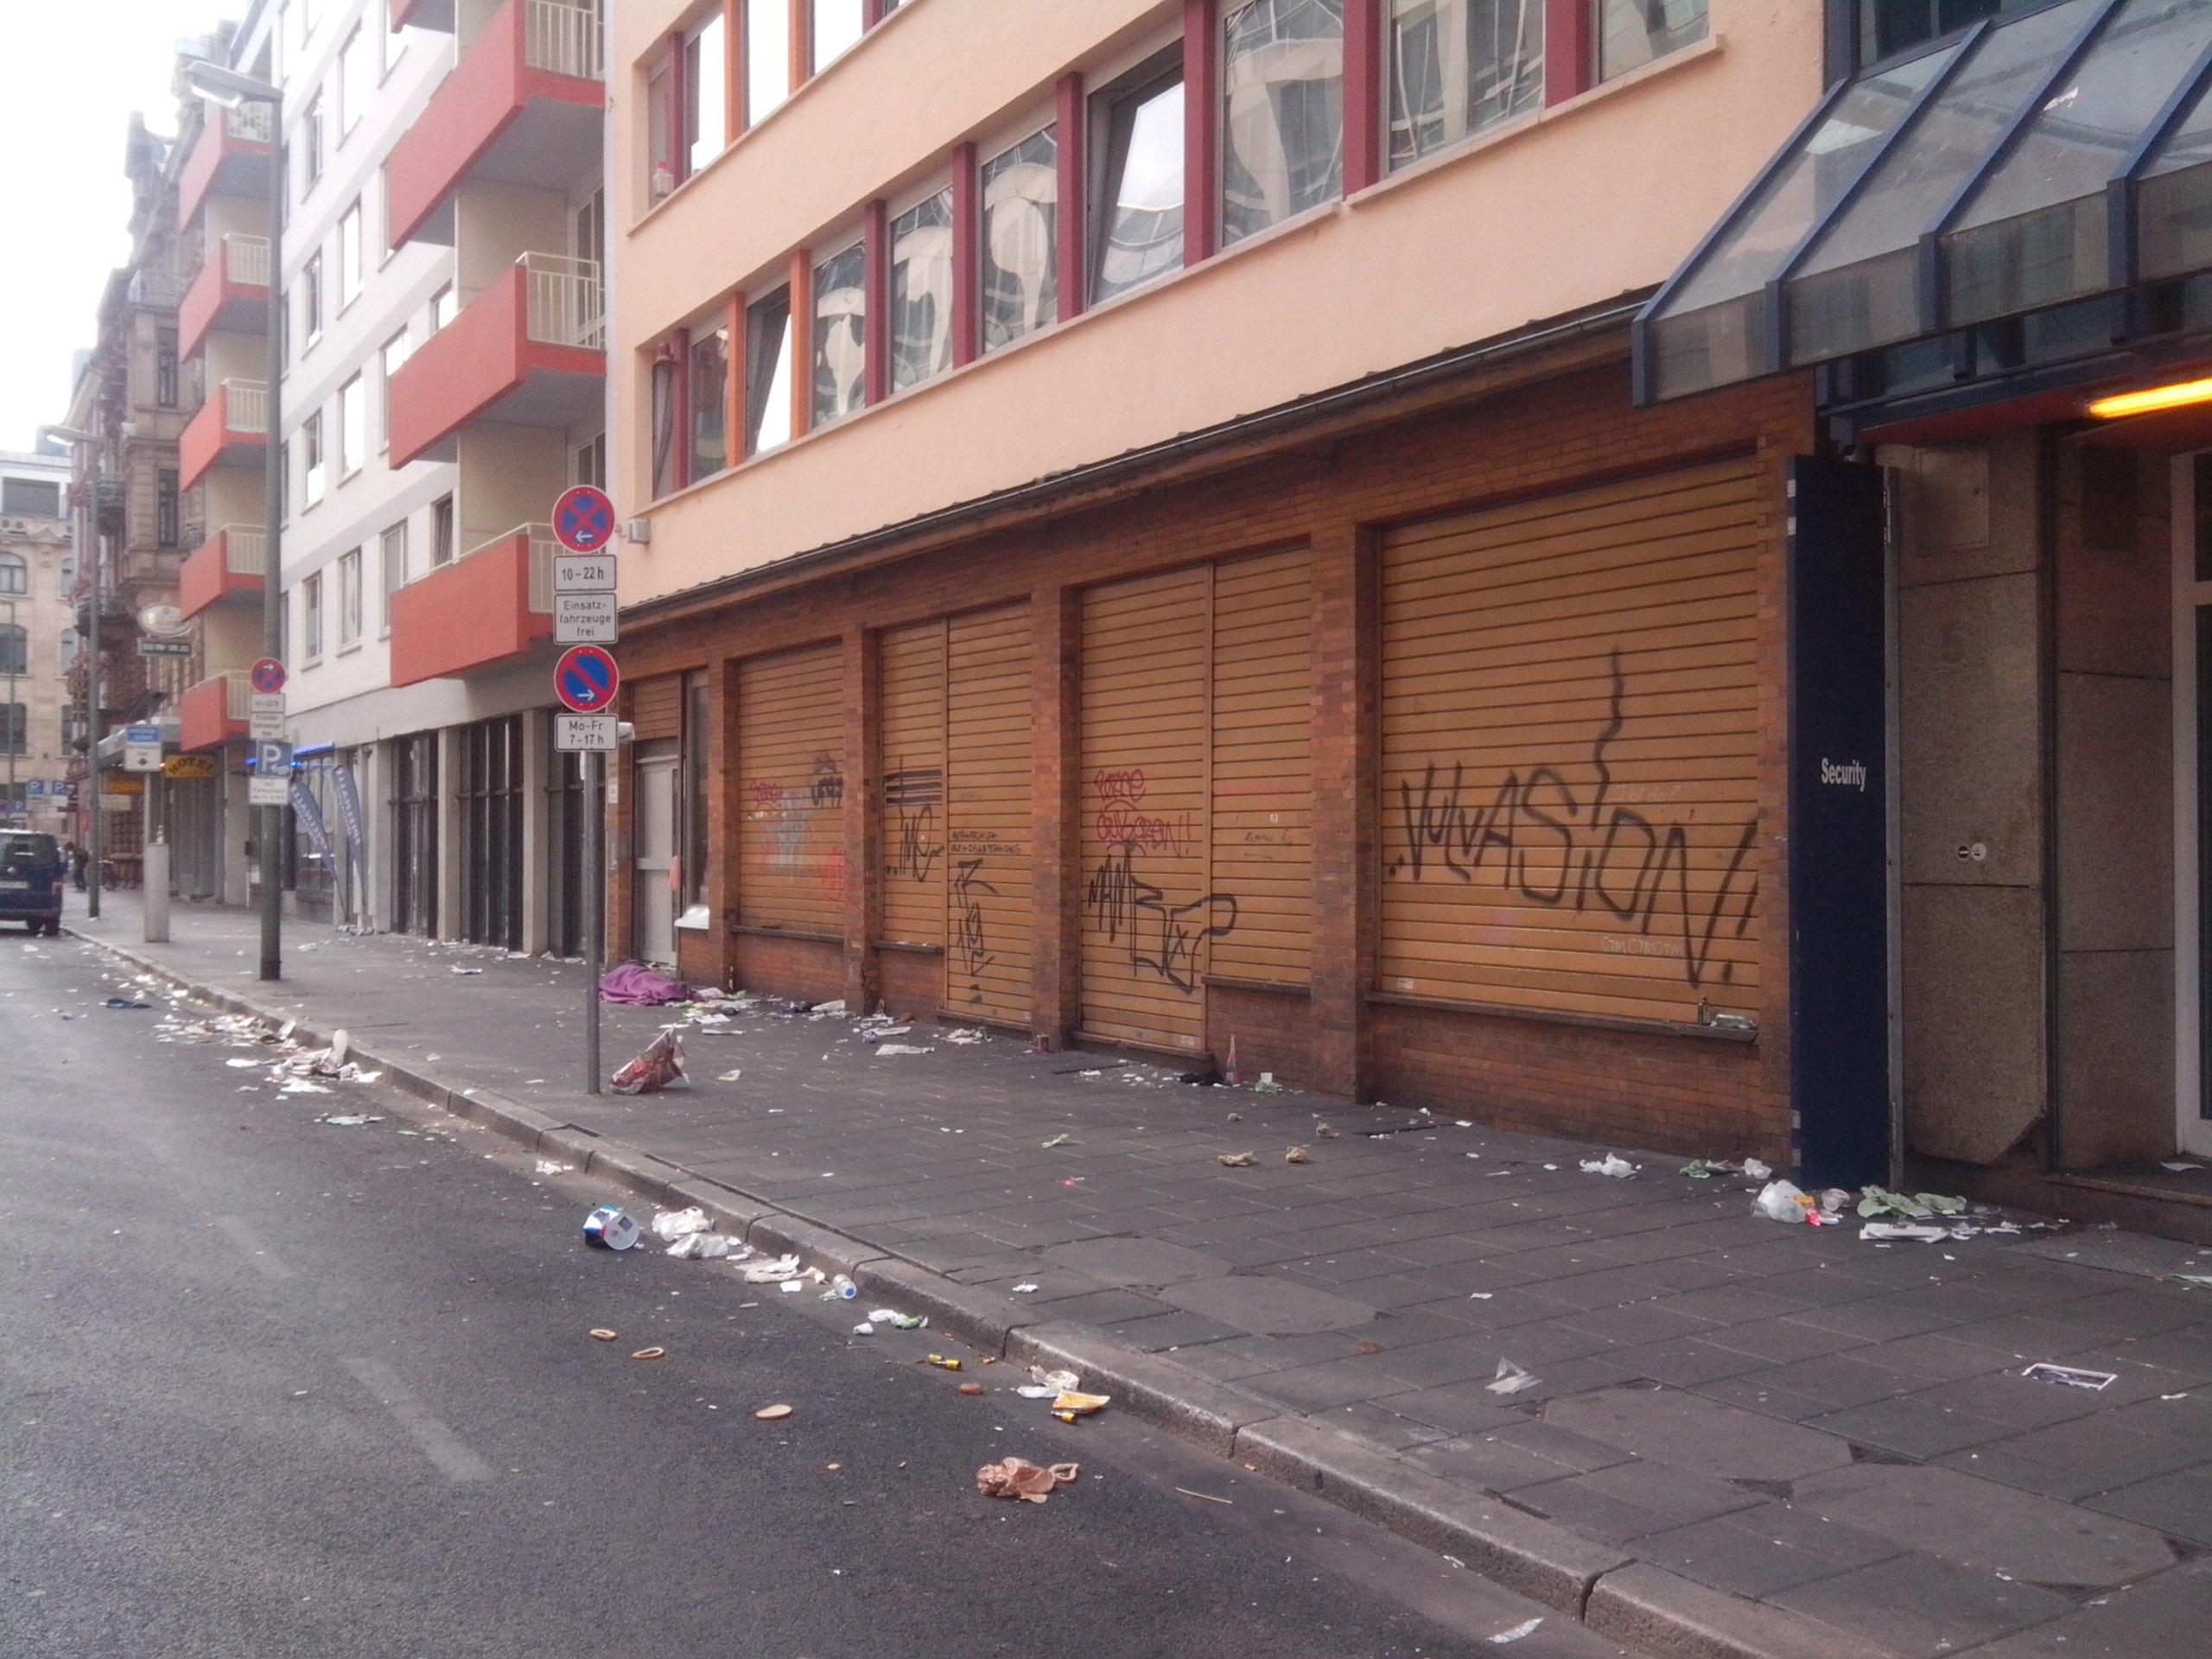 Morgen Frankfurt sonntag morgen im frankfurter bahnhofsviertel stuff